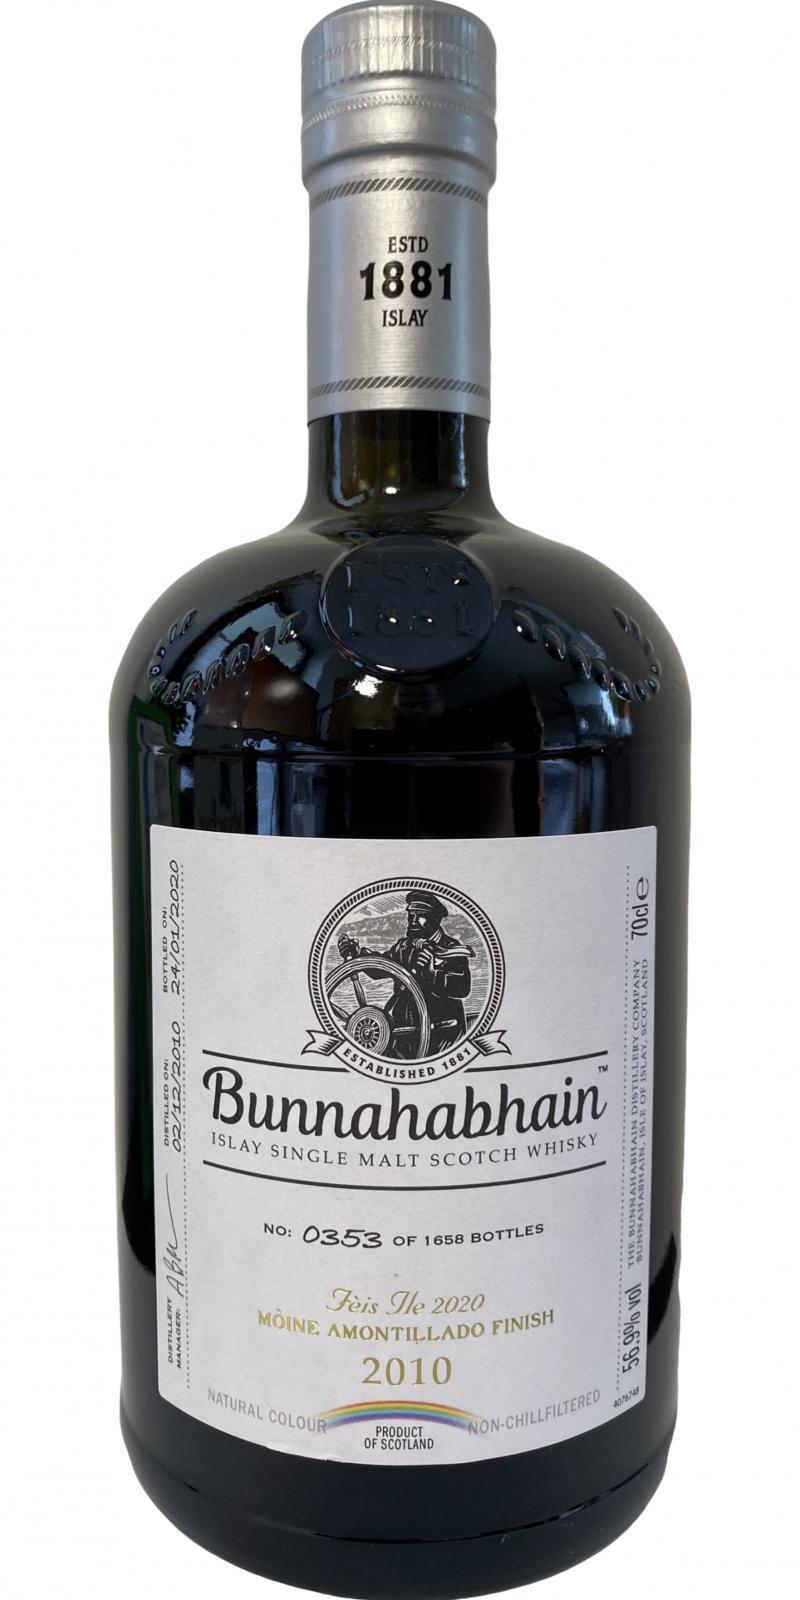 Bunnahabhain 2010 Mòine